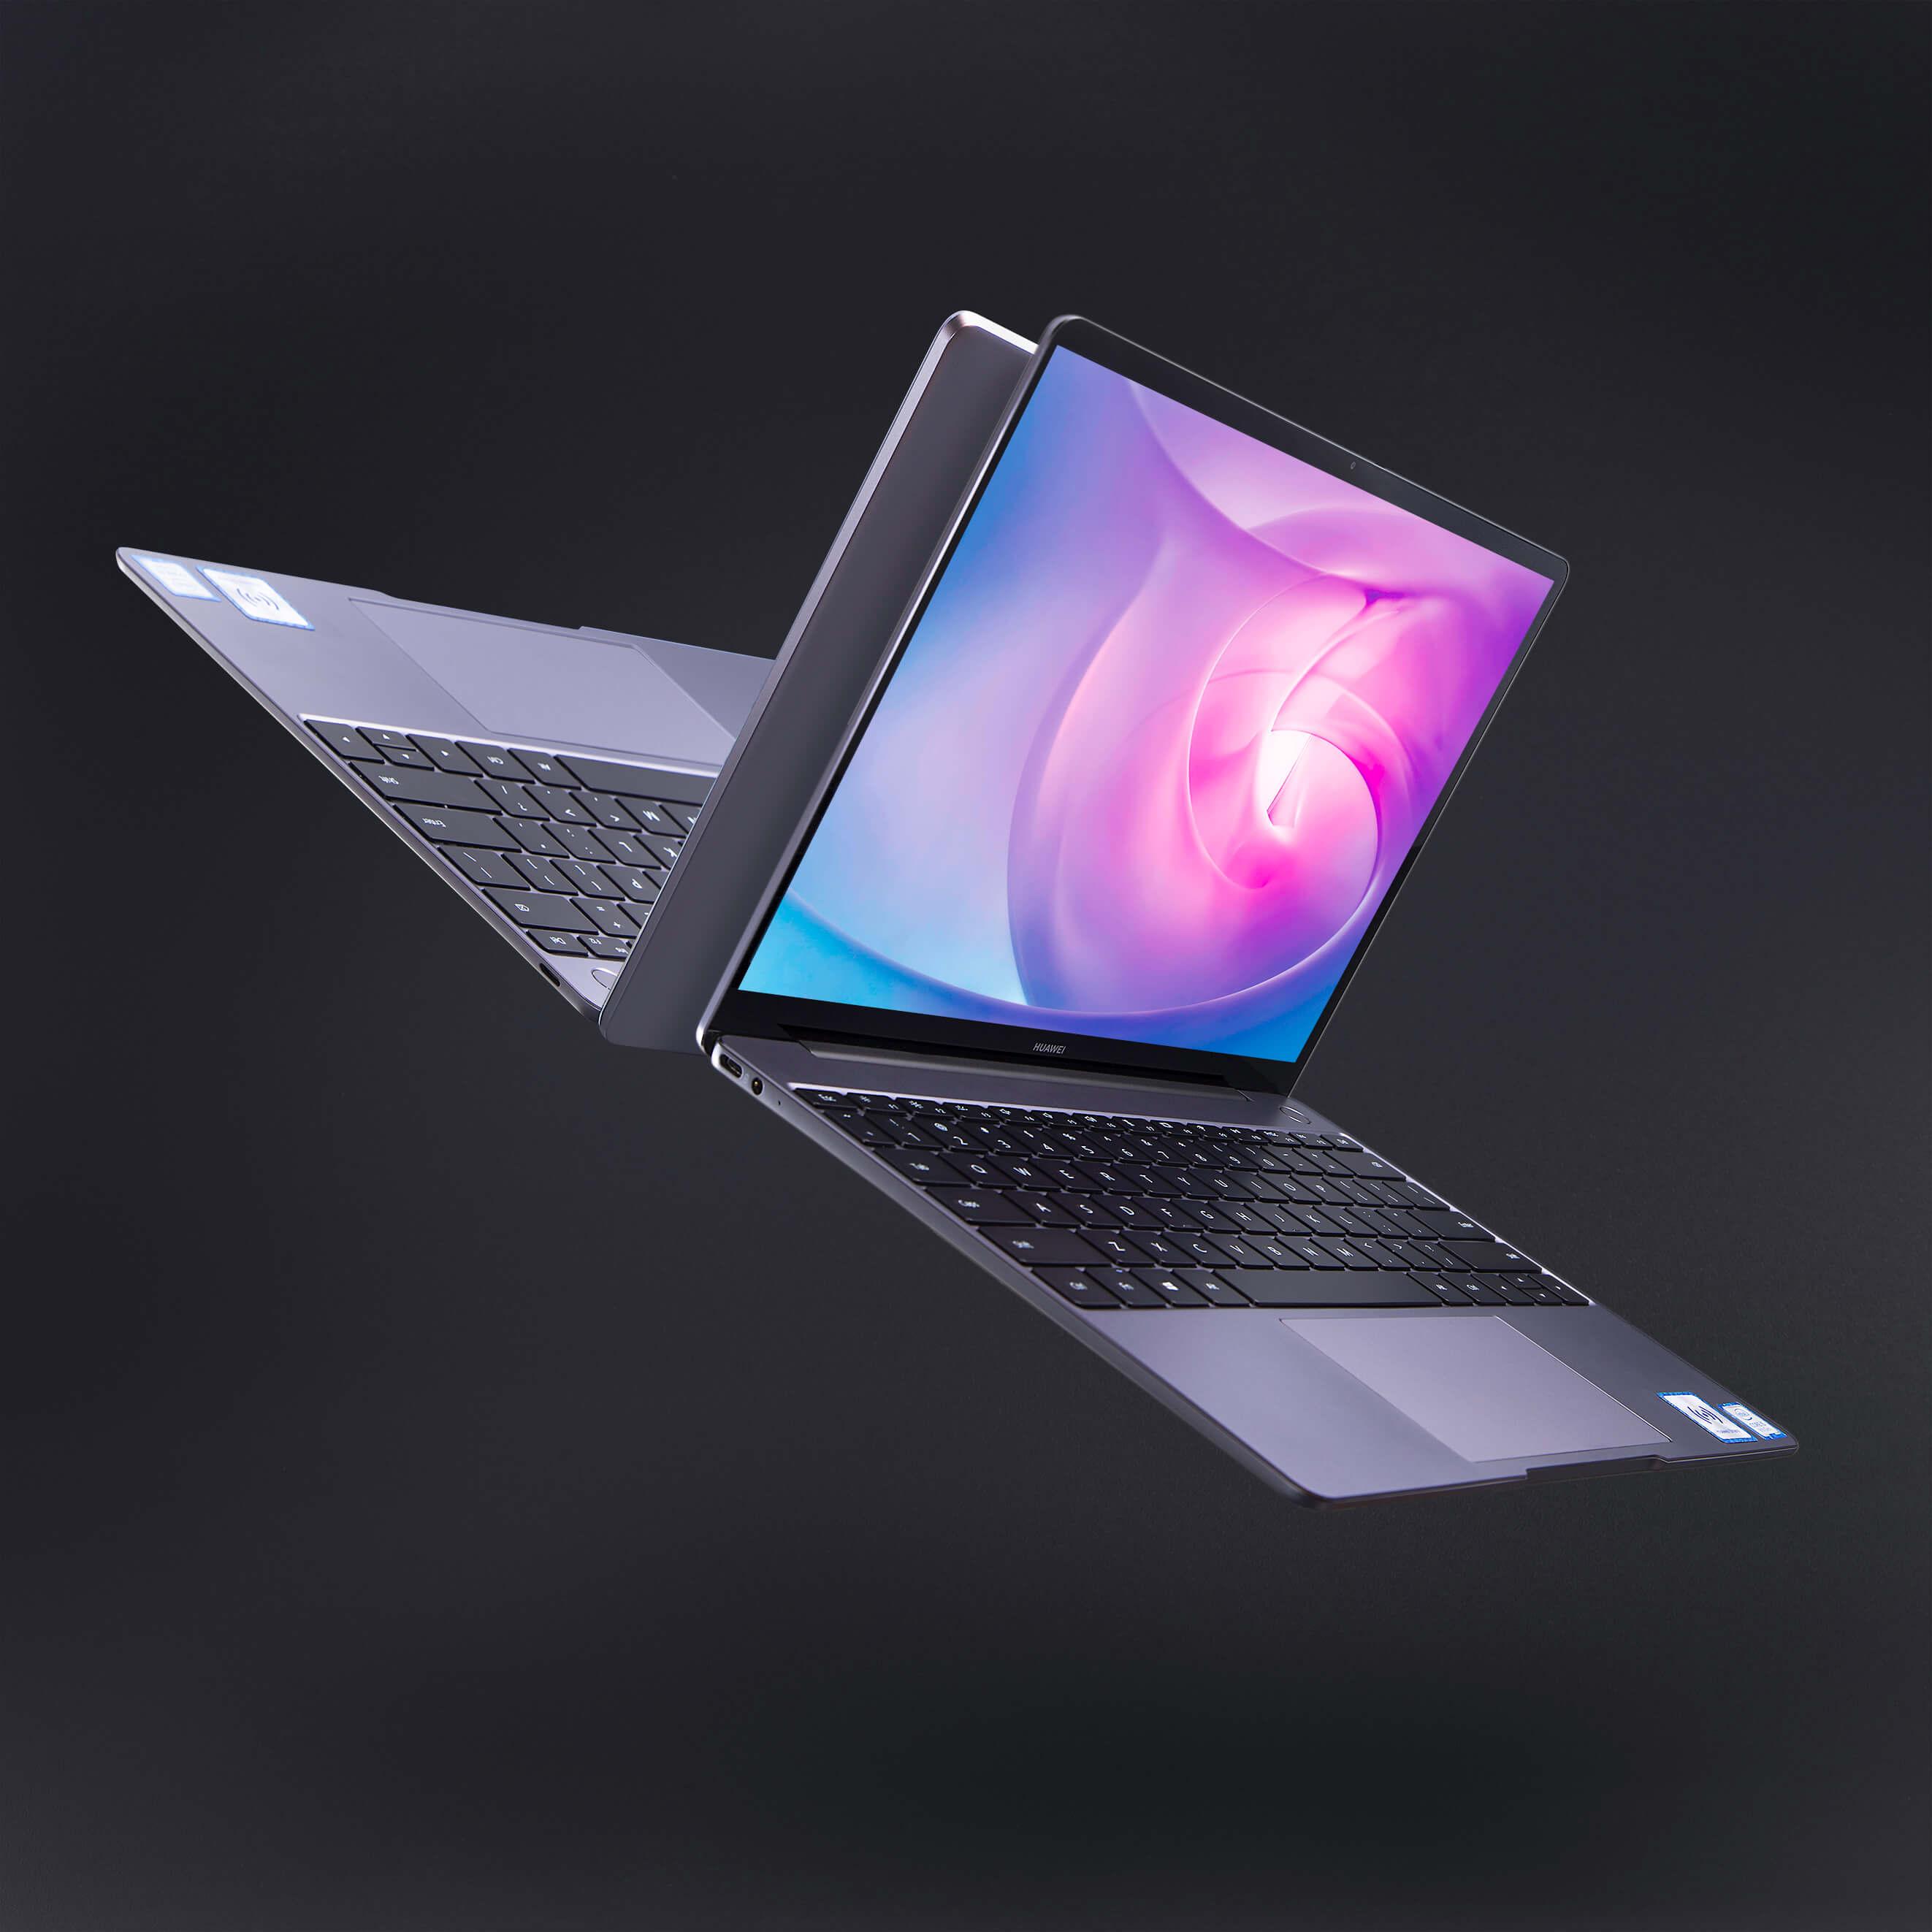 La nueva MateBook 13 es la nueva notebook de Huawei